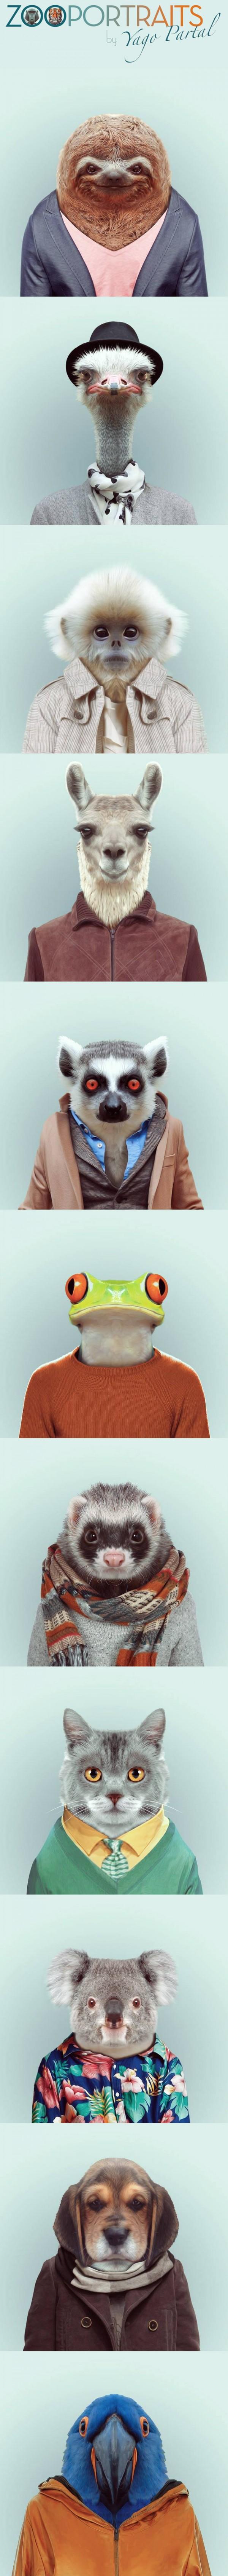 Zoo portraits por Yago Partal